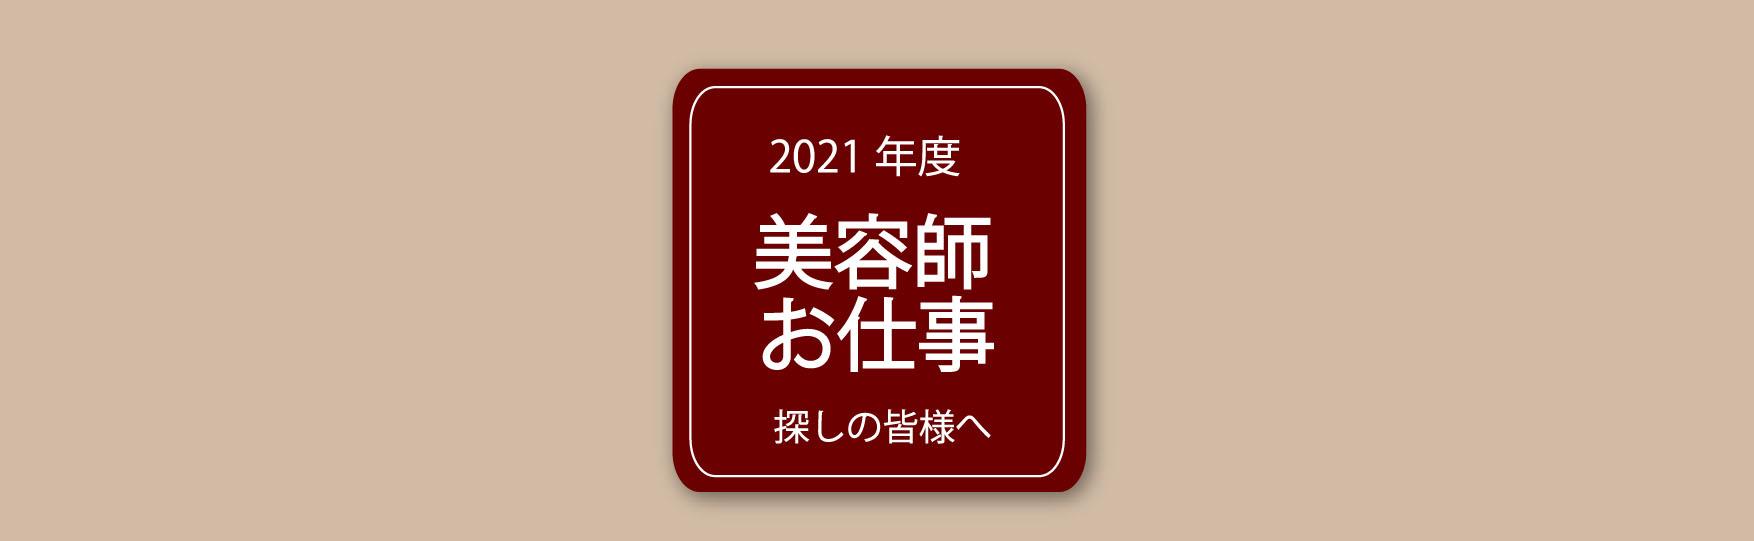 蕨店 西川口店4